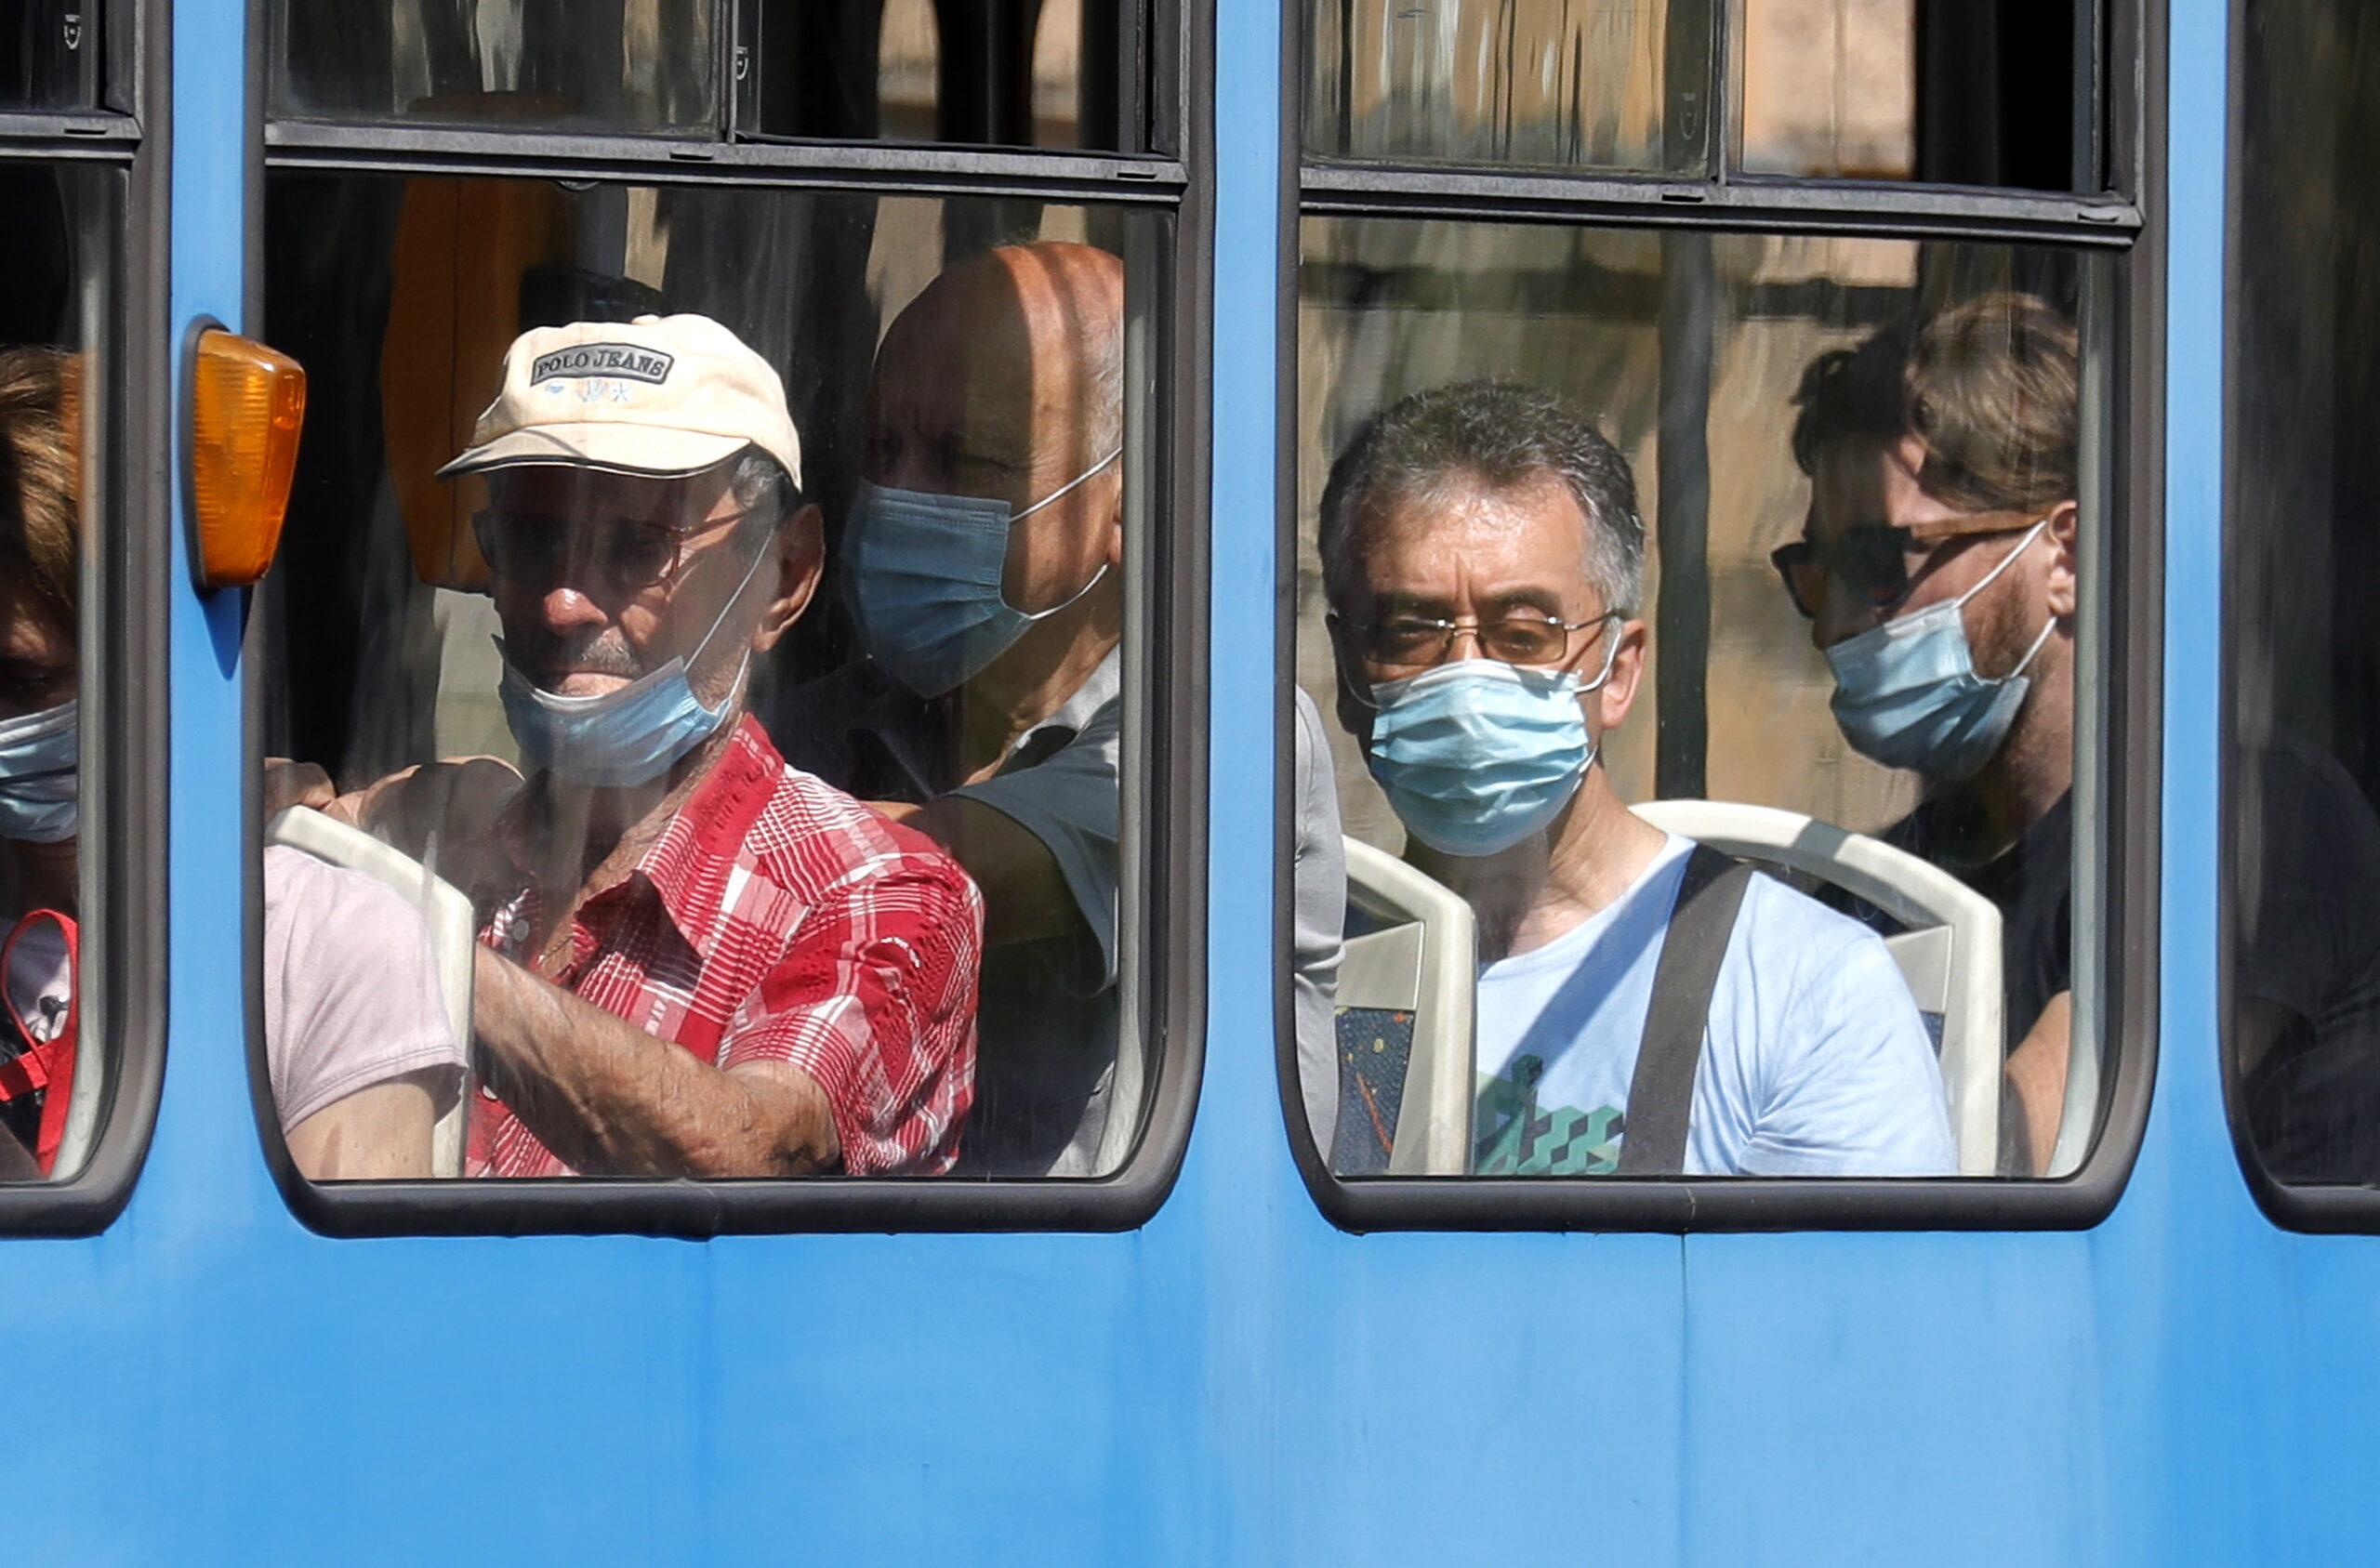 Már 32 milliónál is több a koronavírussal fertőzöttek száma a világon